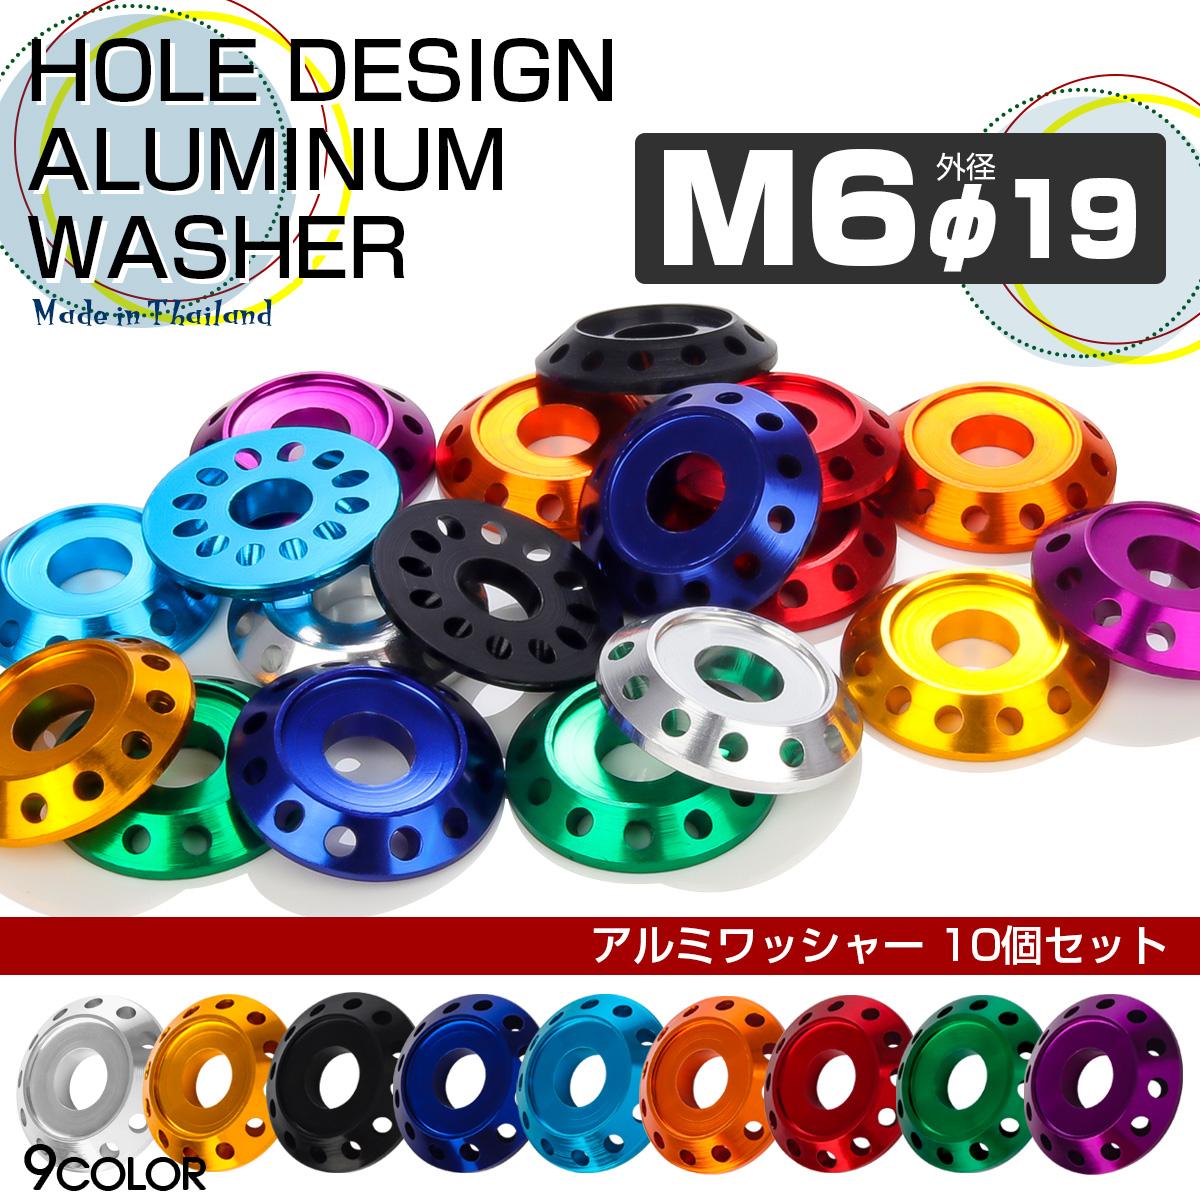 【ネコポス可】 M6 外径19mm アルミ ワッシャー フジツボ ホールデザイン ボルト座面枠付 10個セット 9色 TH0014